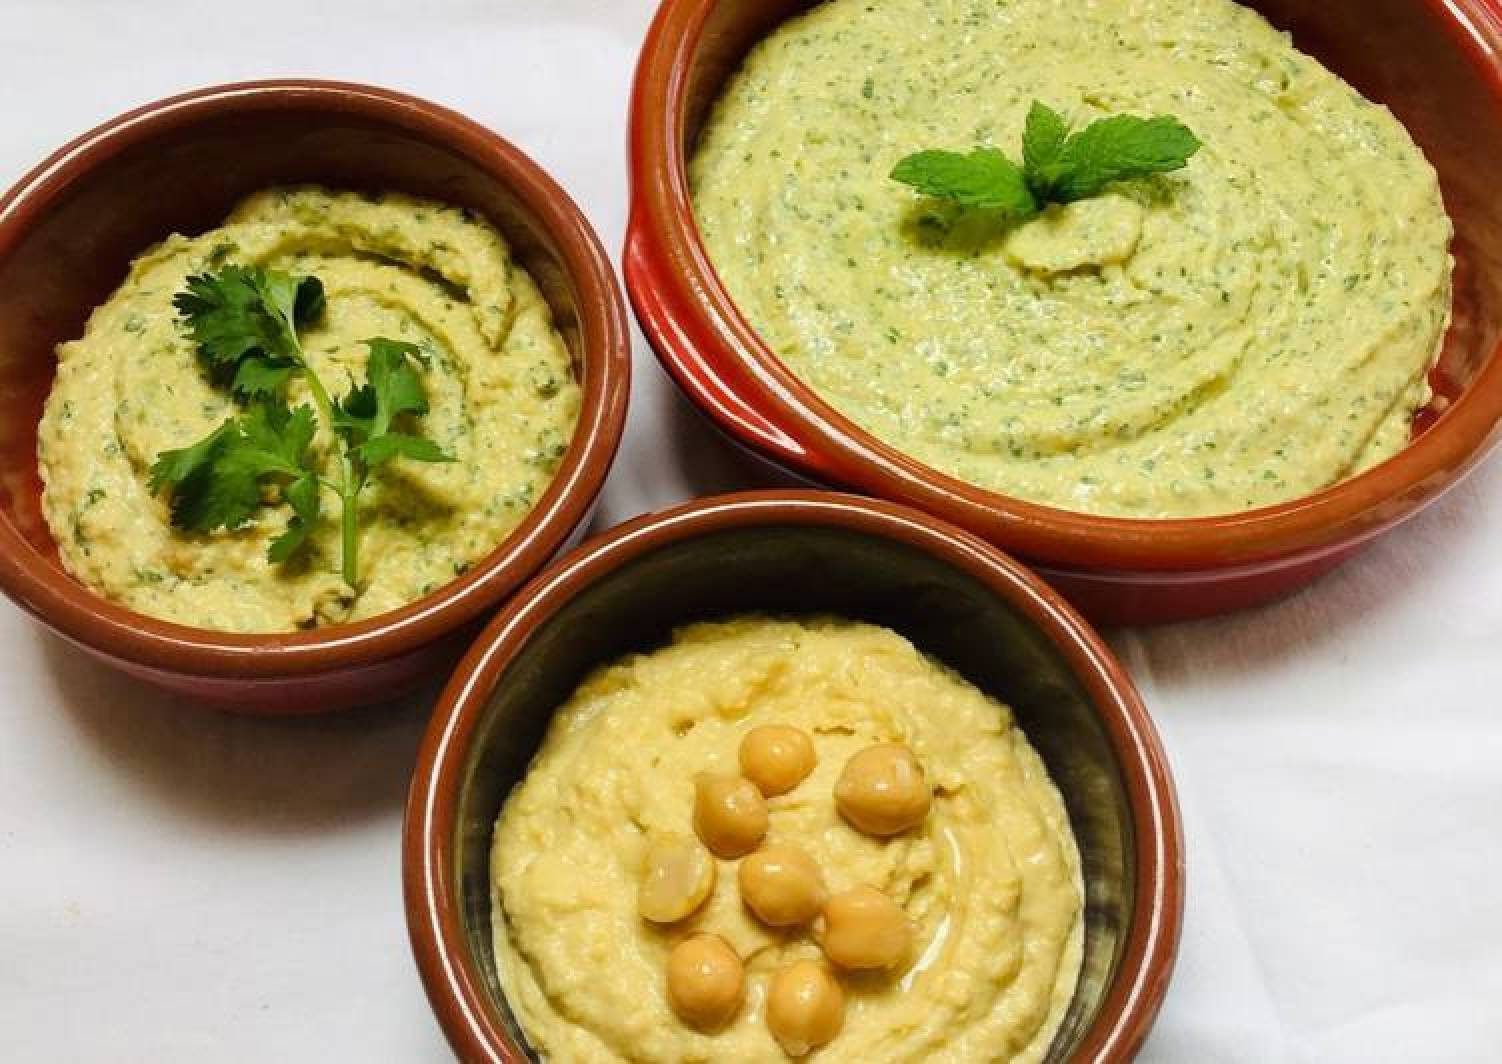 Herby Hummus